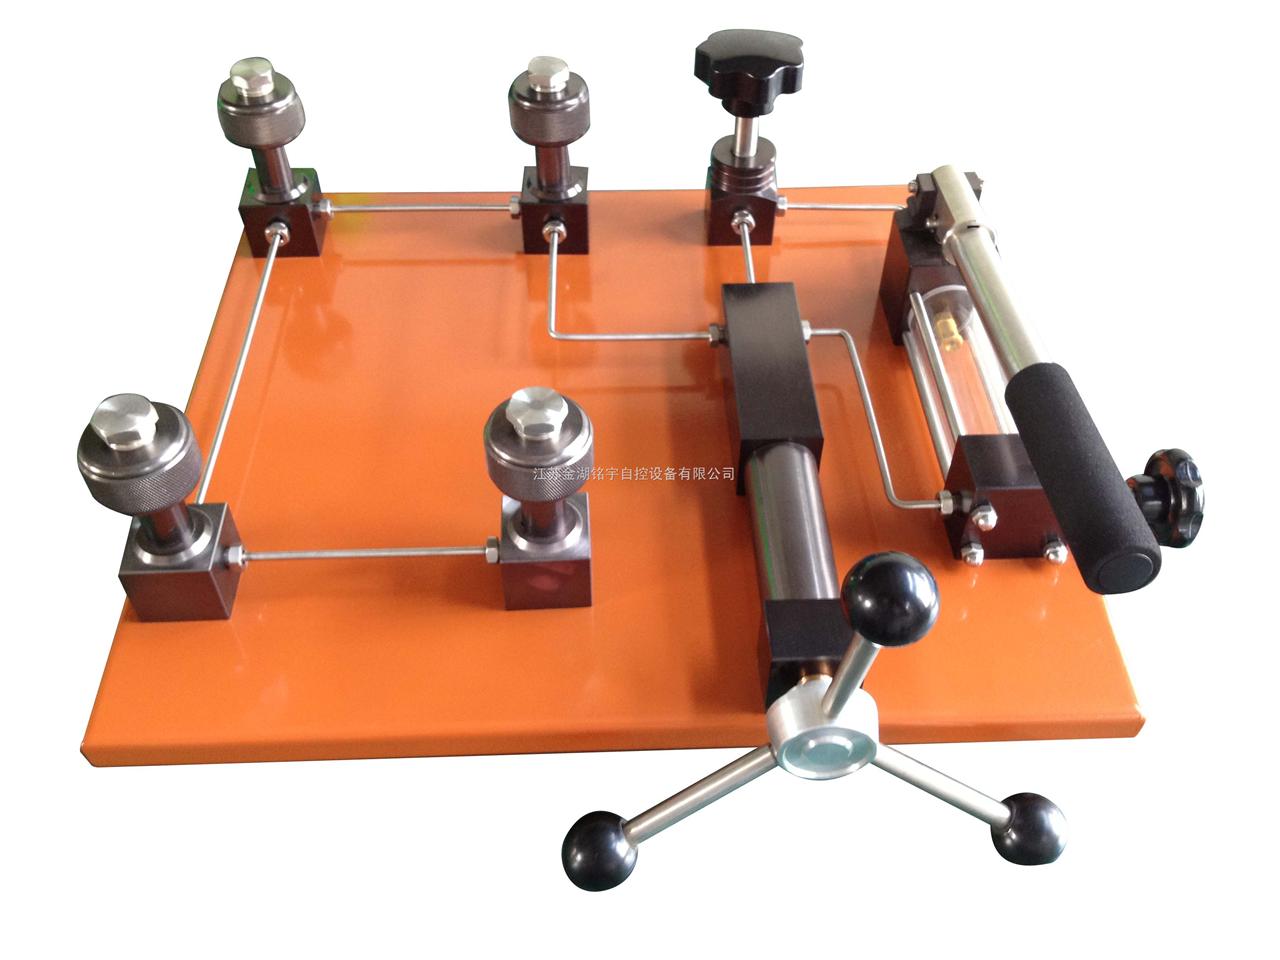 壓力校驗臺(氣壓),磁翻板液位計,電磁流量計,臺式壓力泵